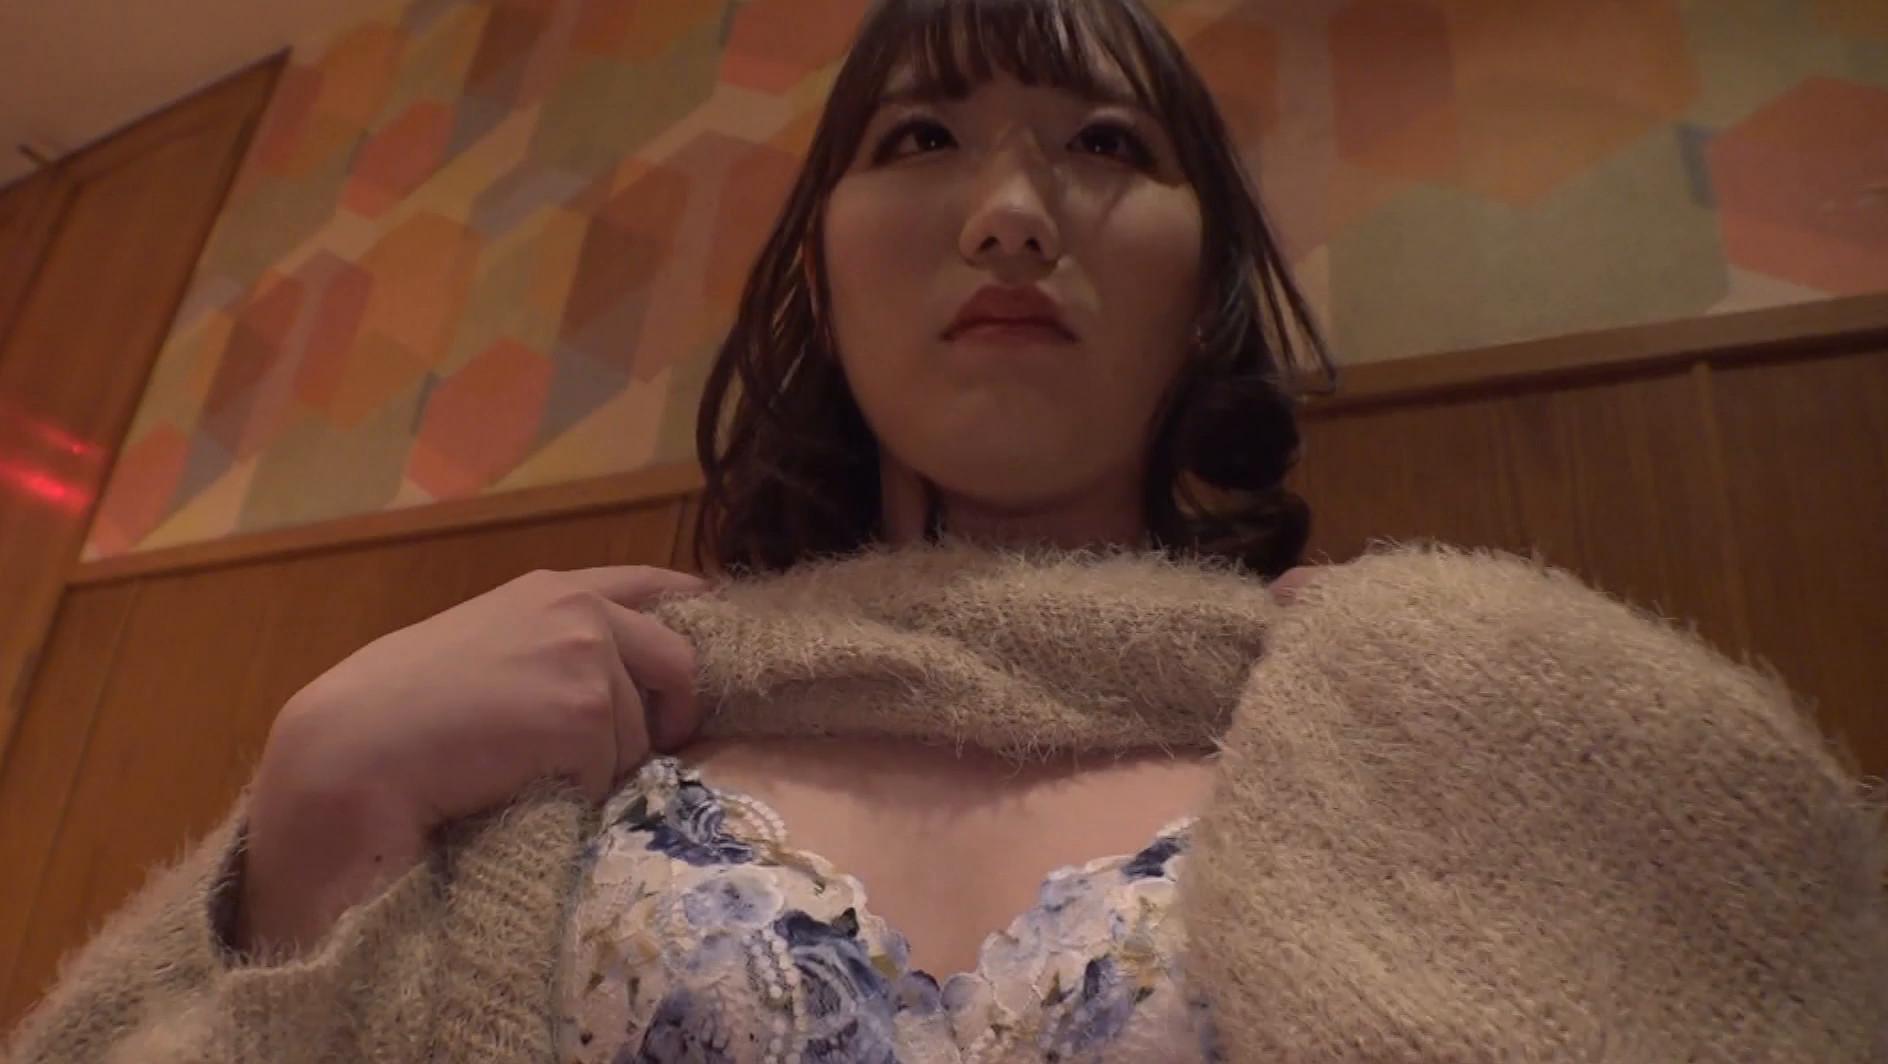 AVデビュー 働くオトコノ娘 職場でフル勃起 水妃ほむら 画像2